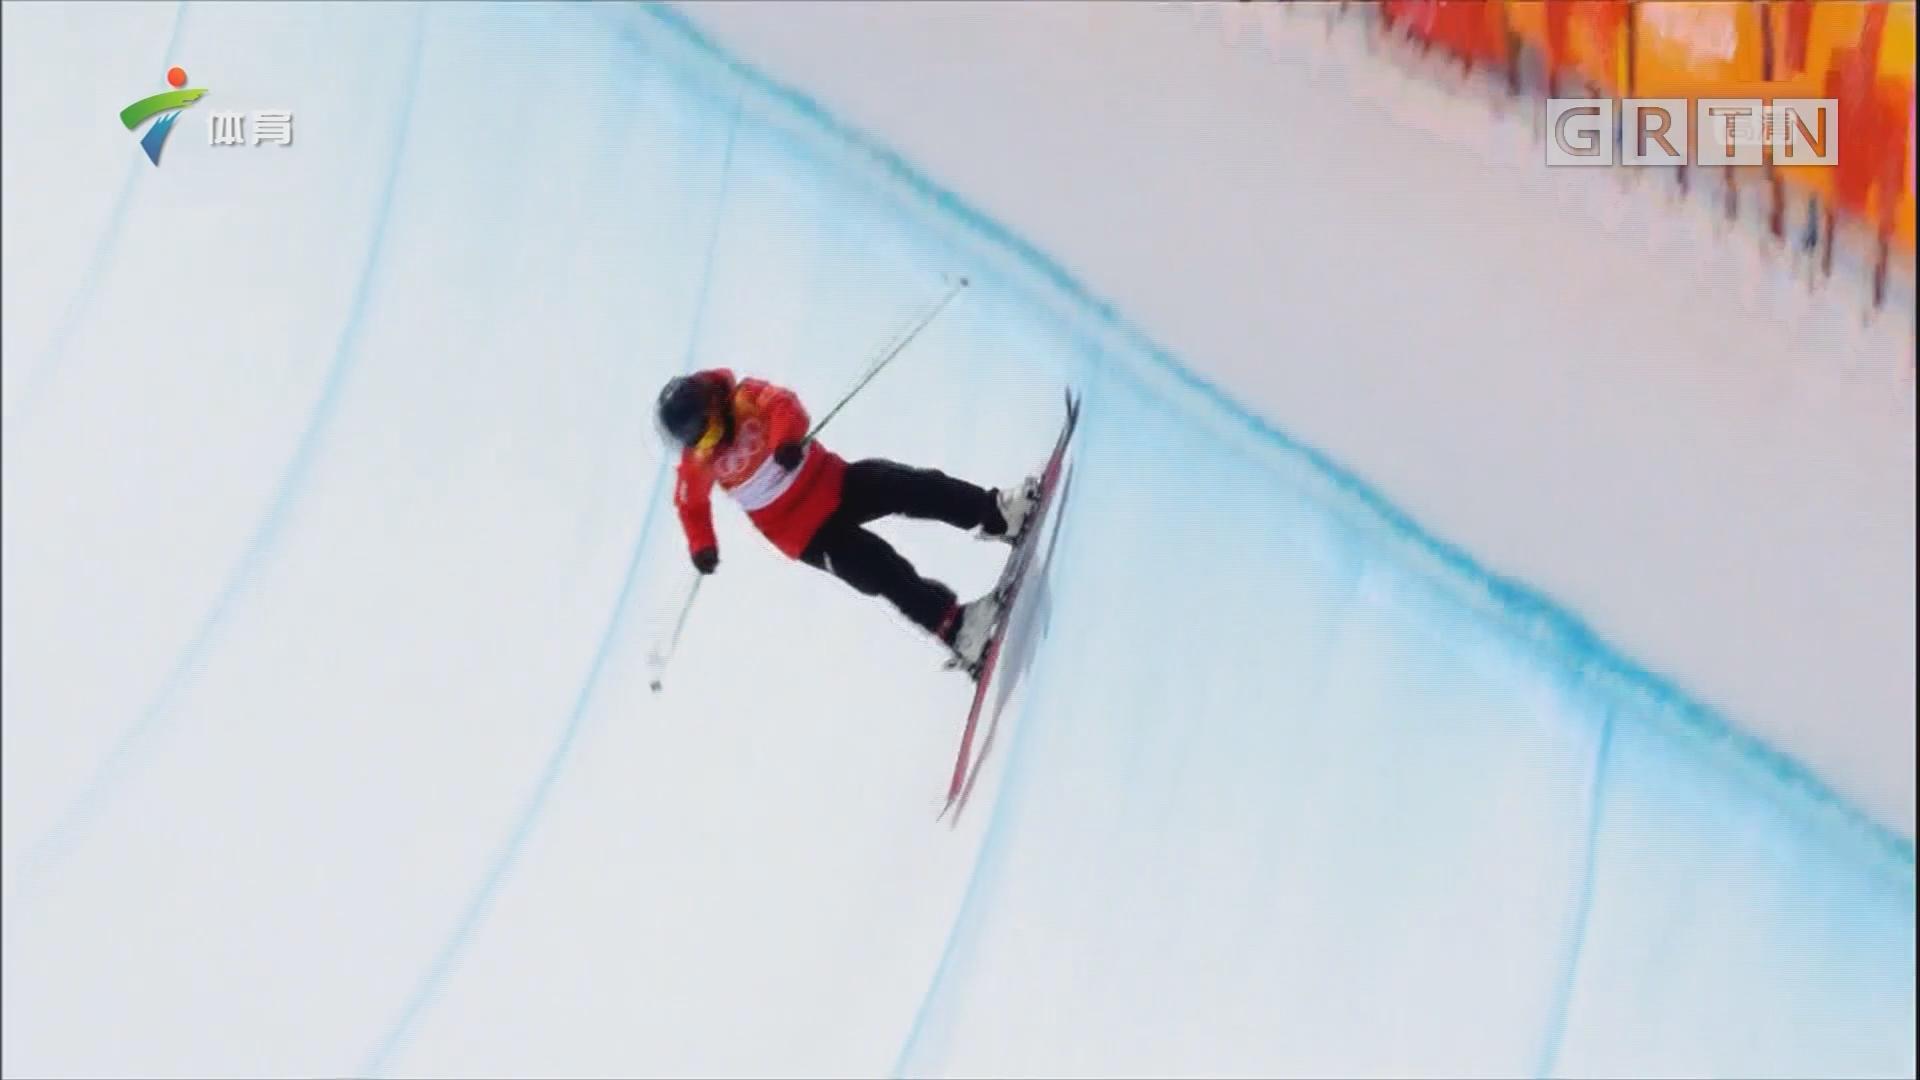 自由式滑雪女子U型场地决赛 张可欣无缘奖牌